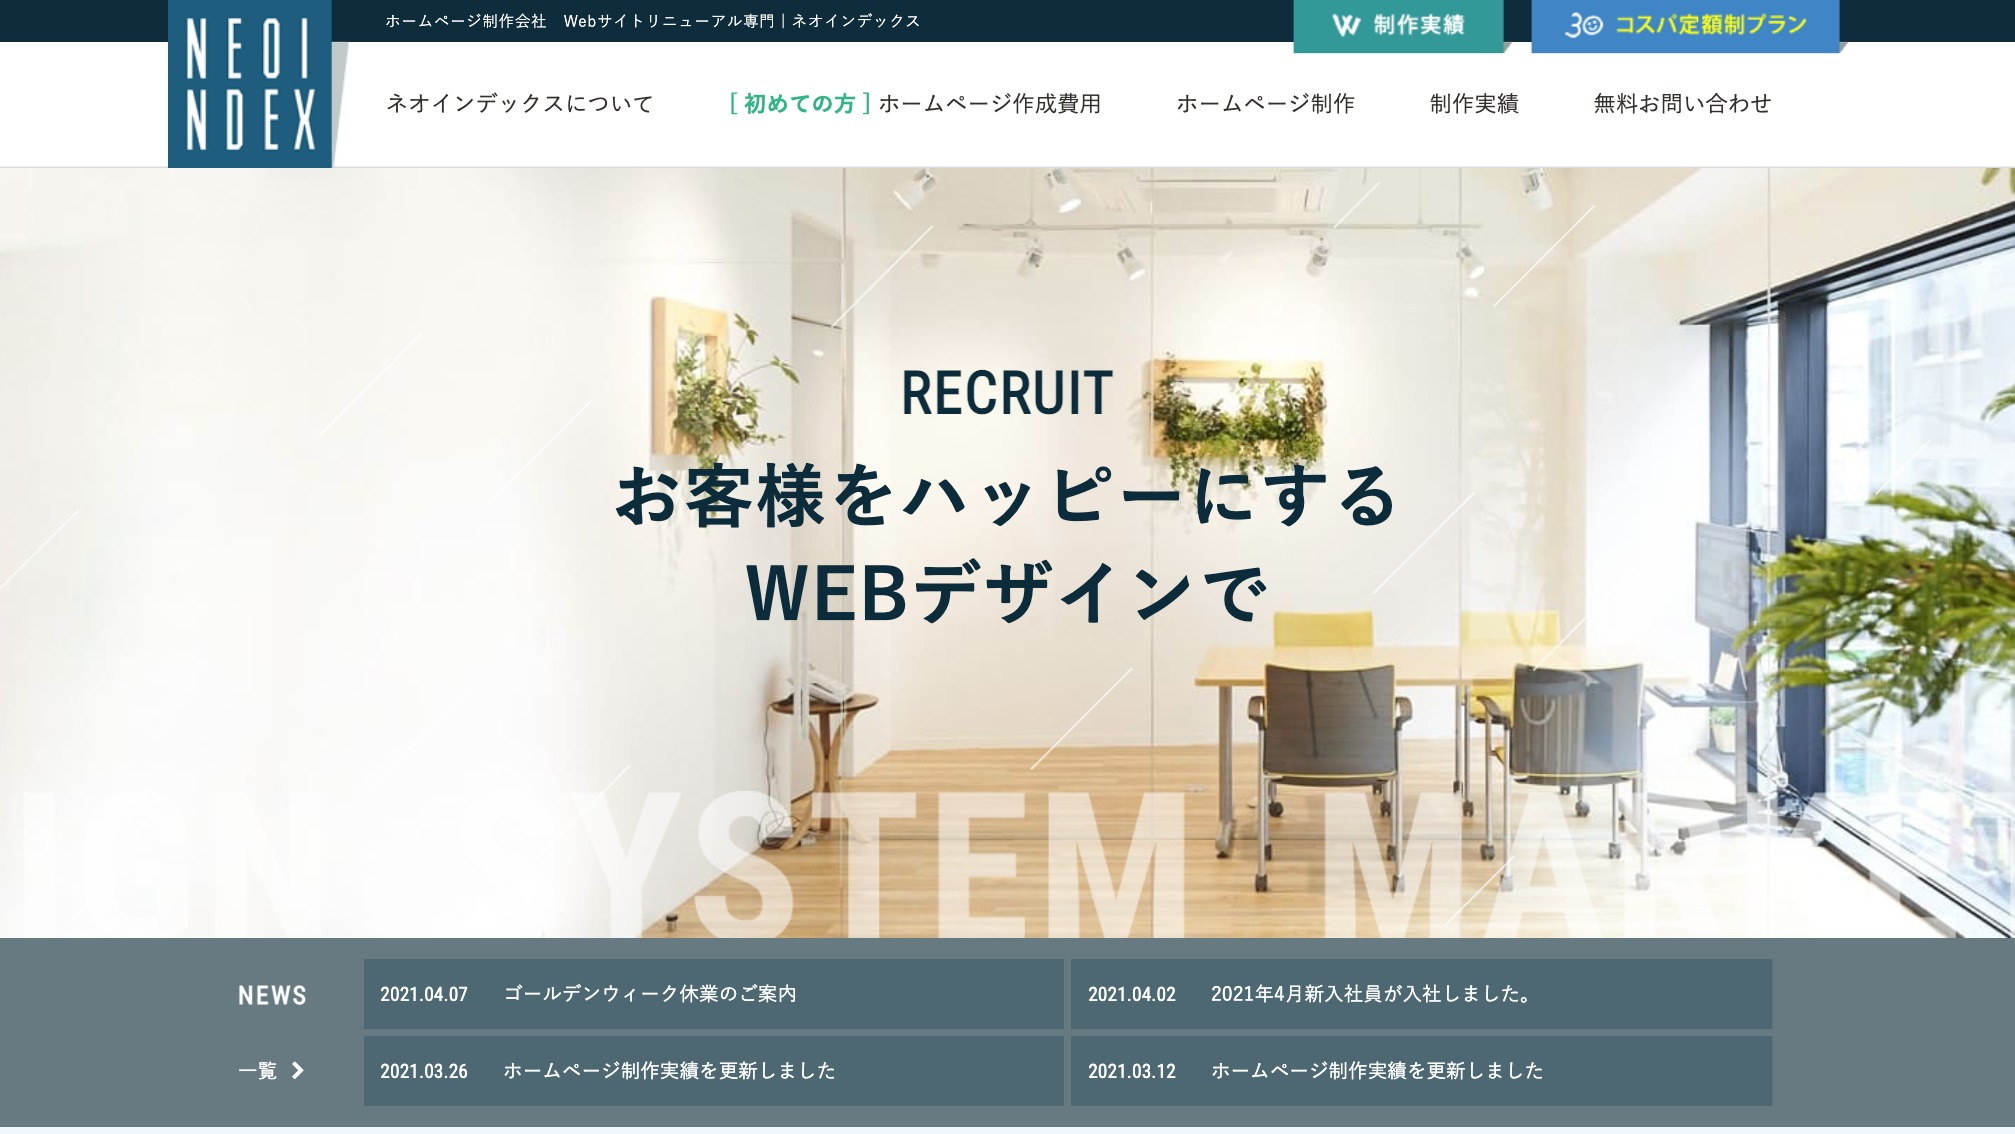 ホームページ制作会社 東京豊島区池袋 WEBリニューアル ネオインデックス